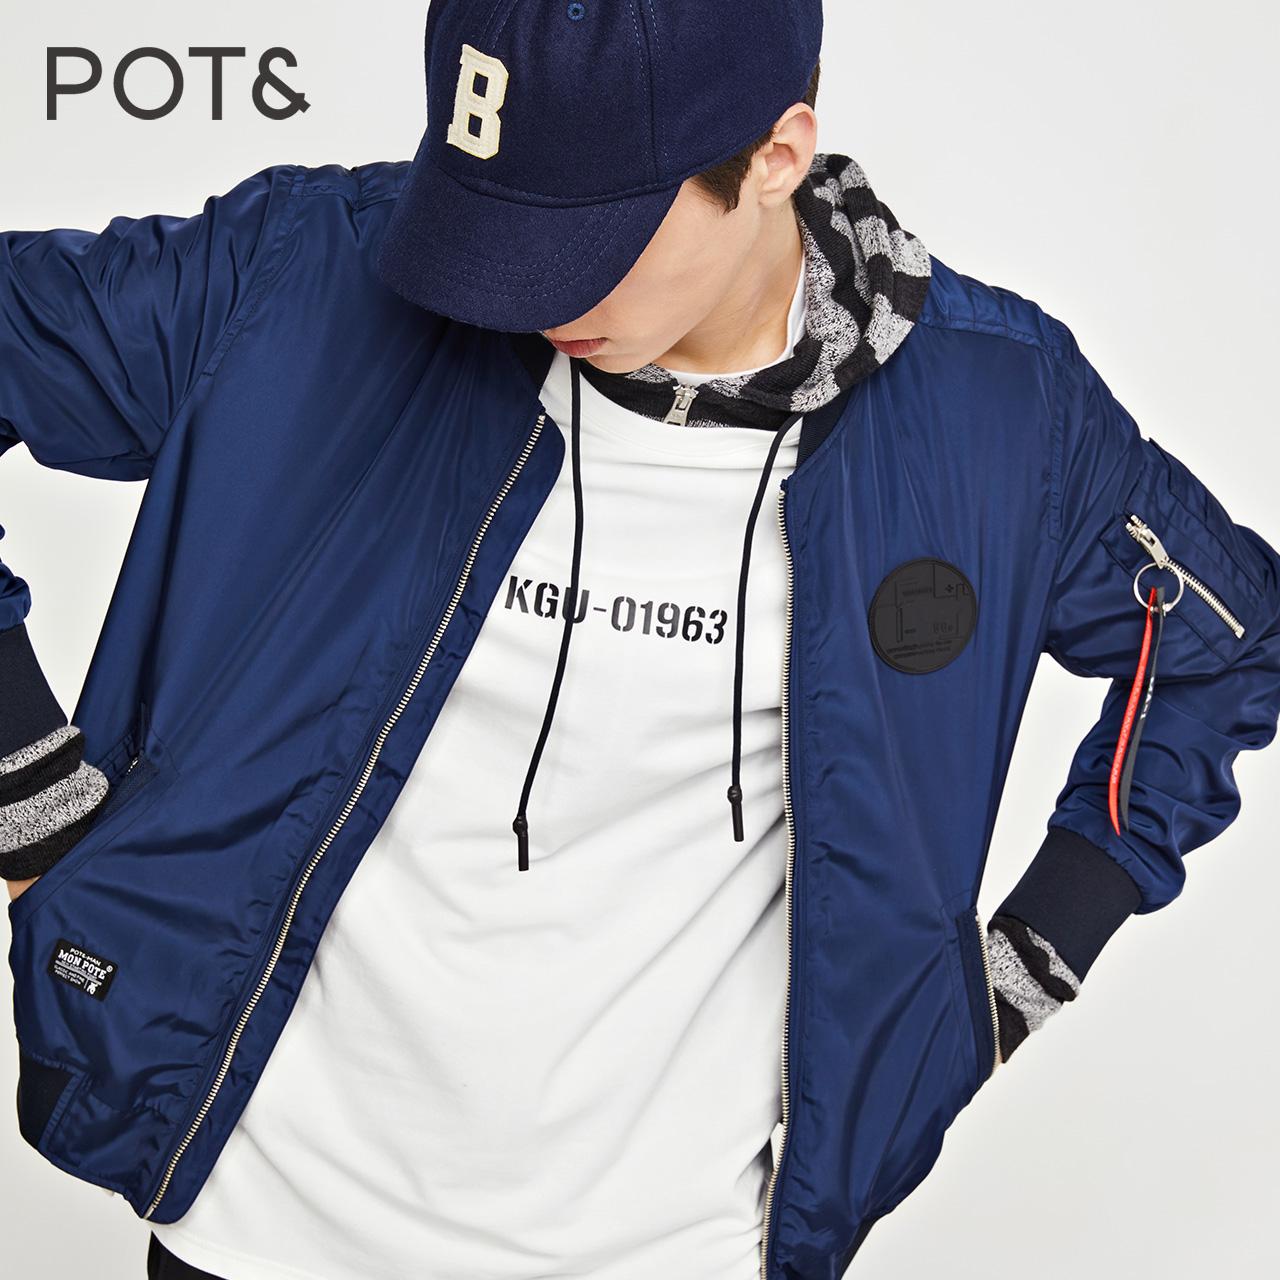 POTE拉夏贝尔男装 2018春夏新品时尚纯色中长款梭织夹克商场同款